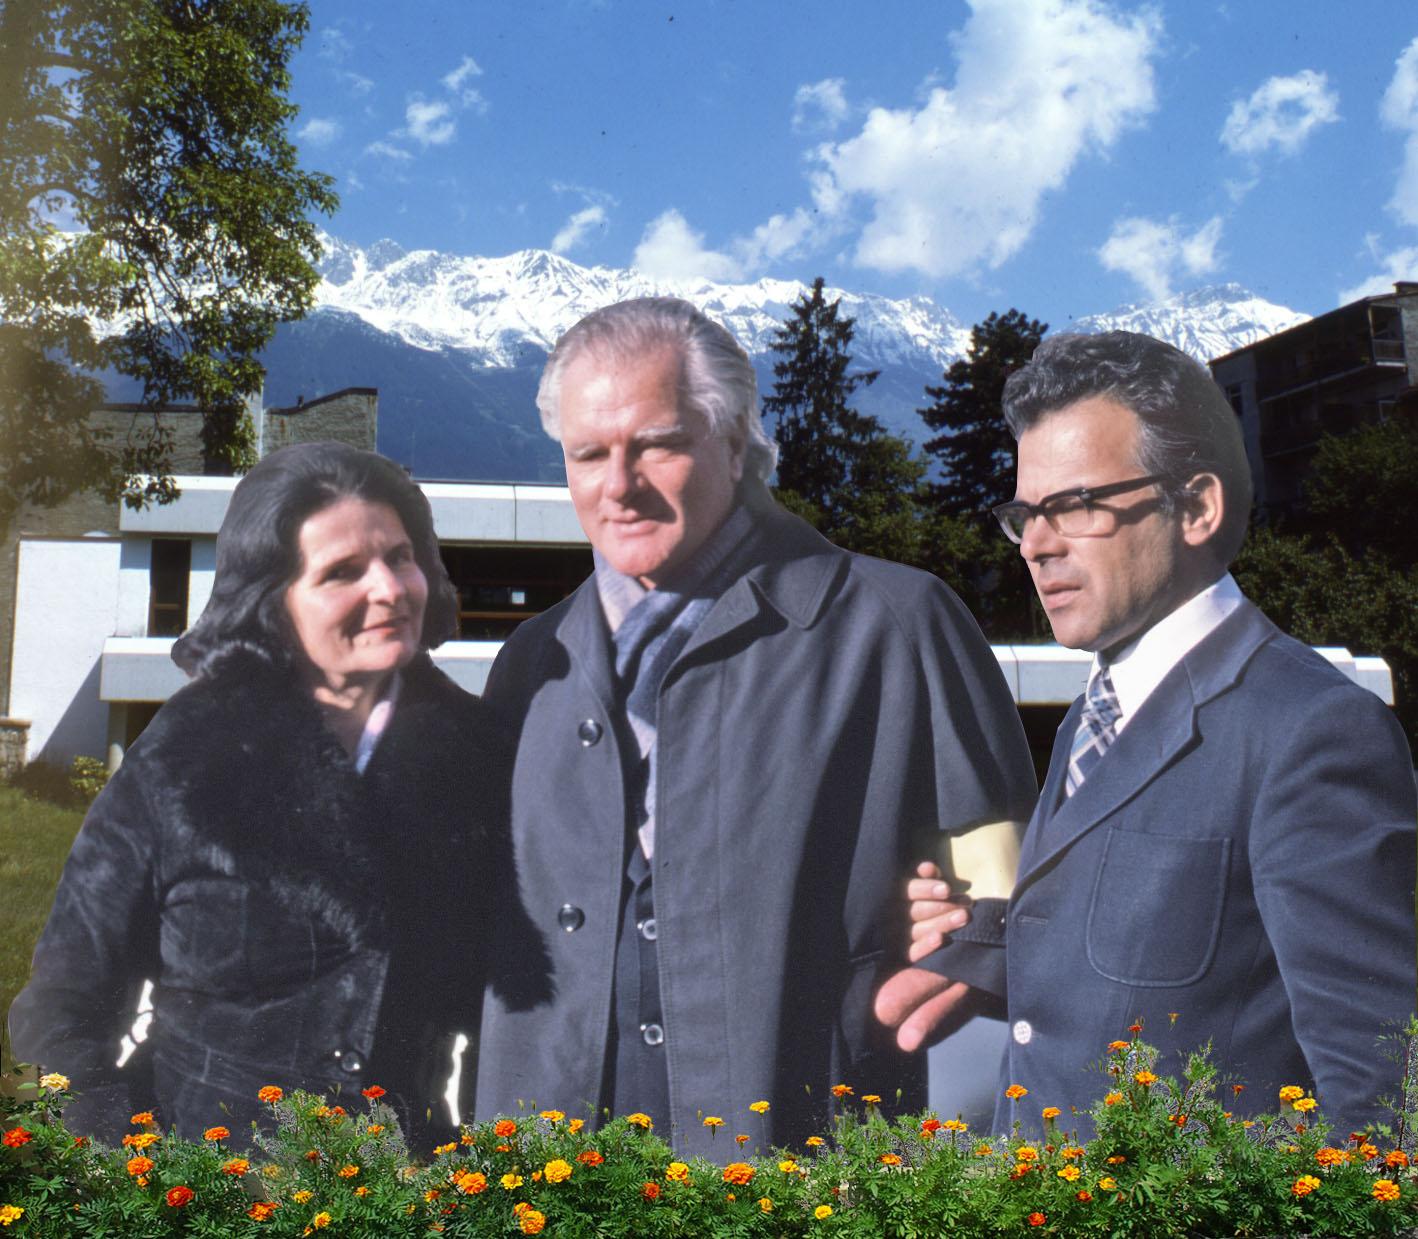 Gerda und Burkhard Heim mit P. Andreas Resch, Innsbruck